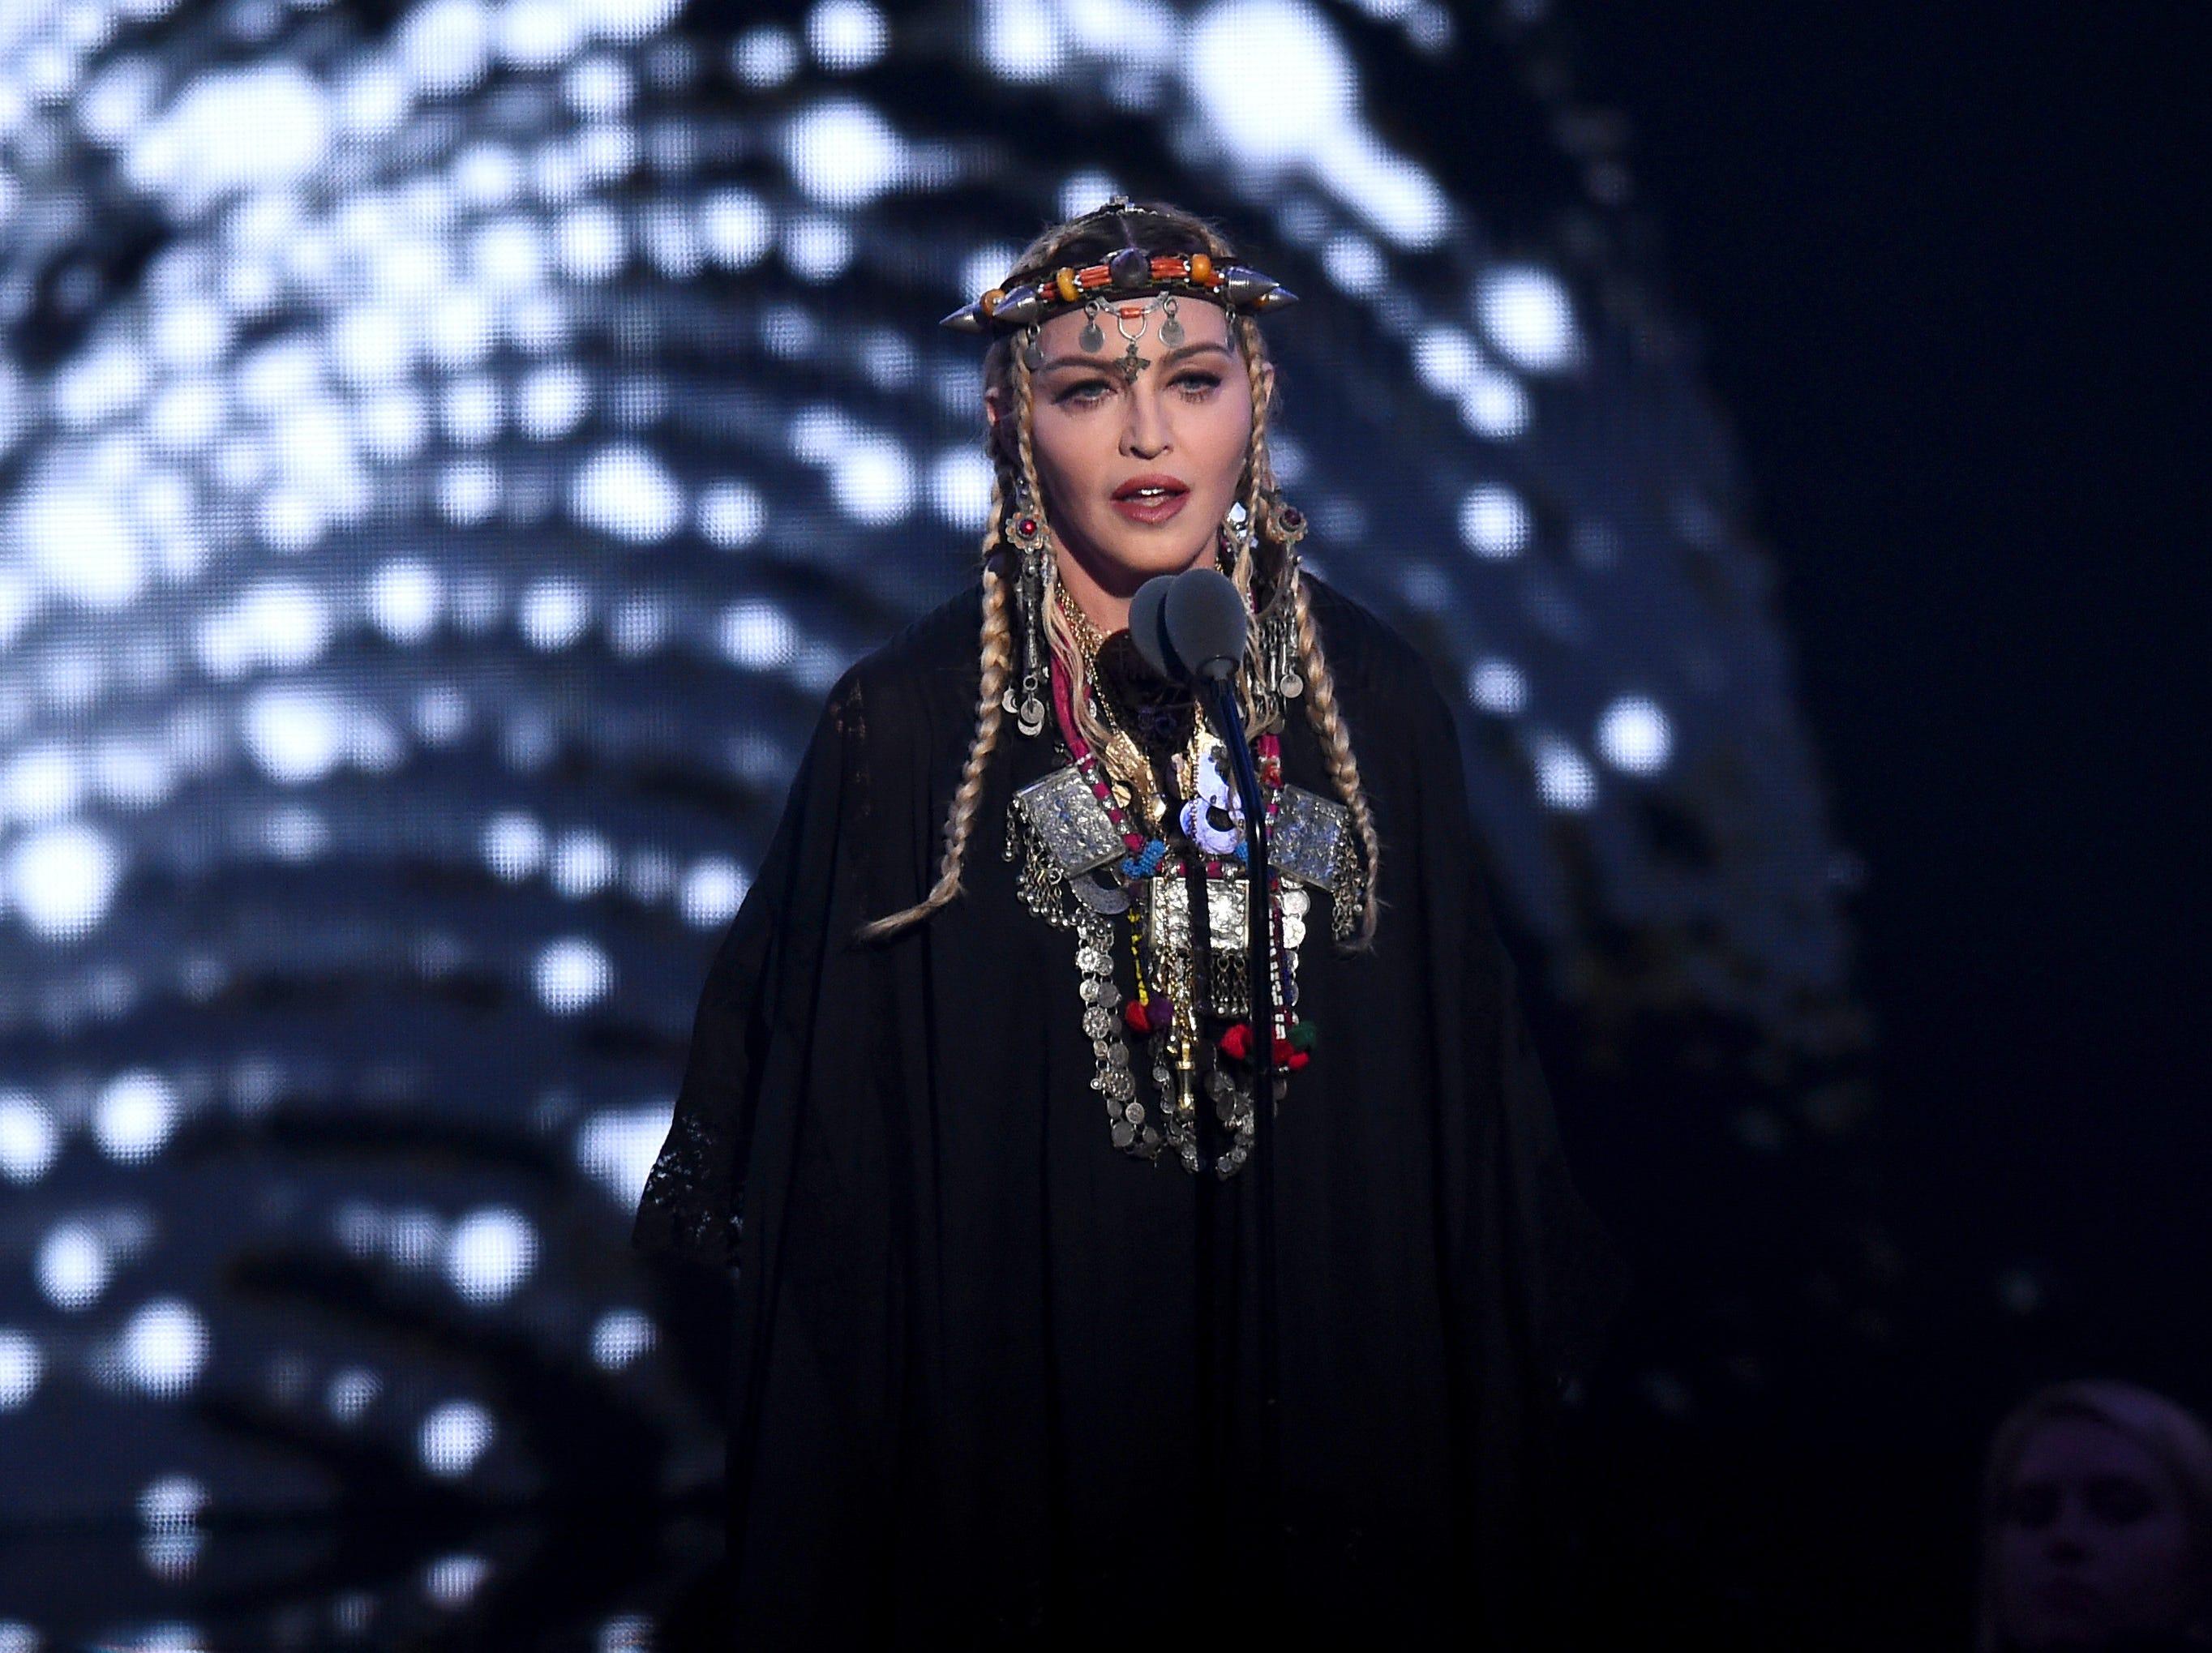 Madonna habla en el escenario durante los MTV Video Music Awards 2018 en el Radio City Music Hall el 20 de agosto de 2018 en la ciudad de Nueva York.